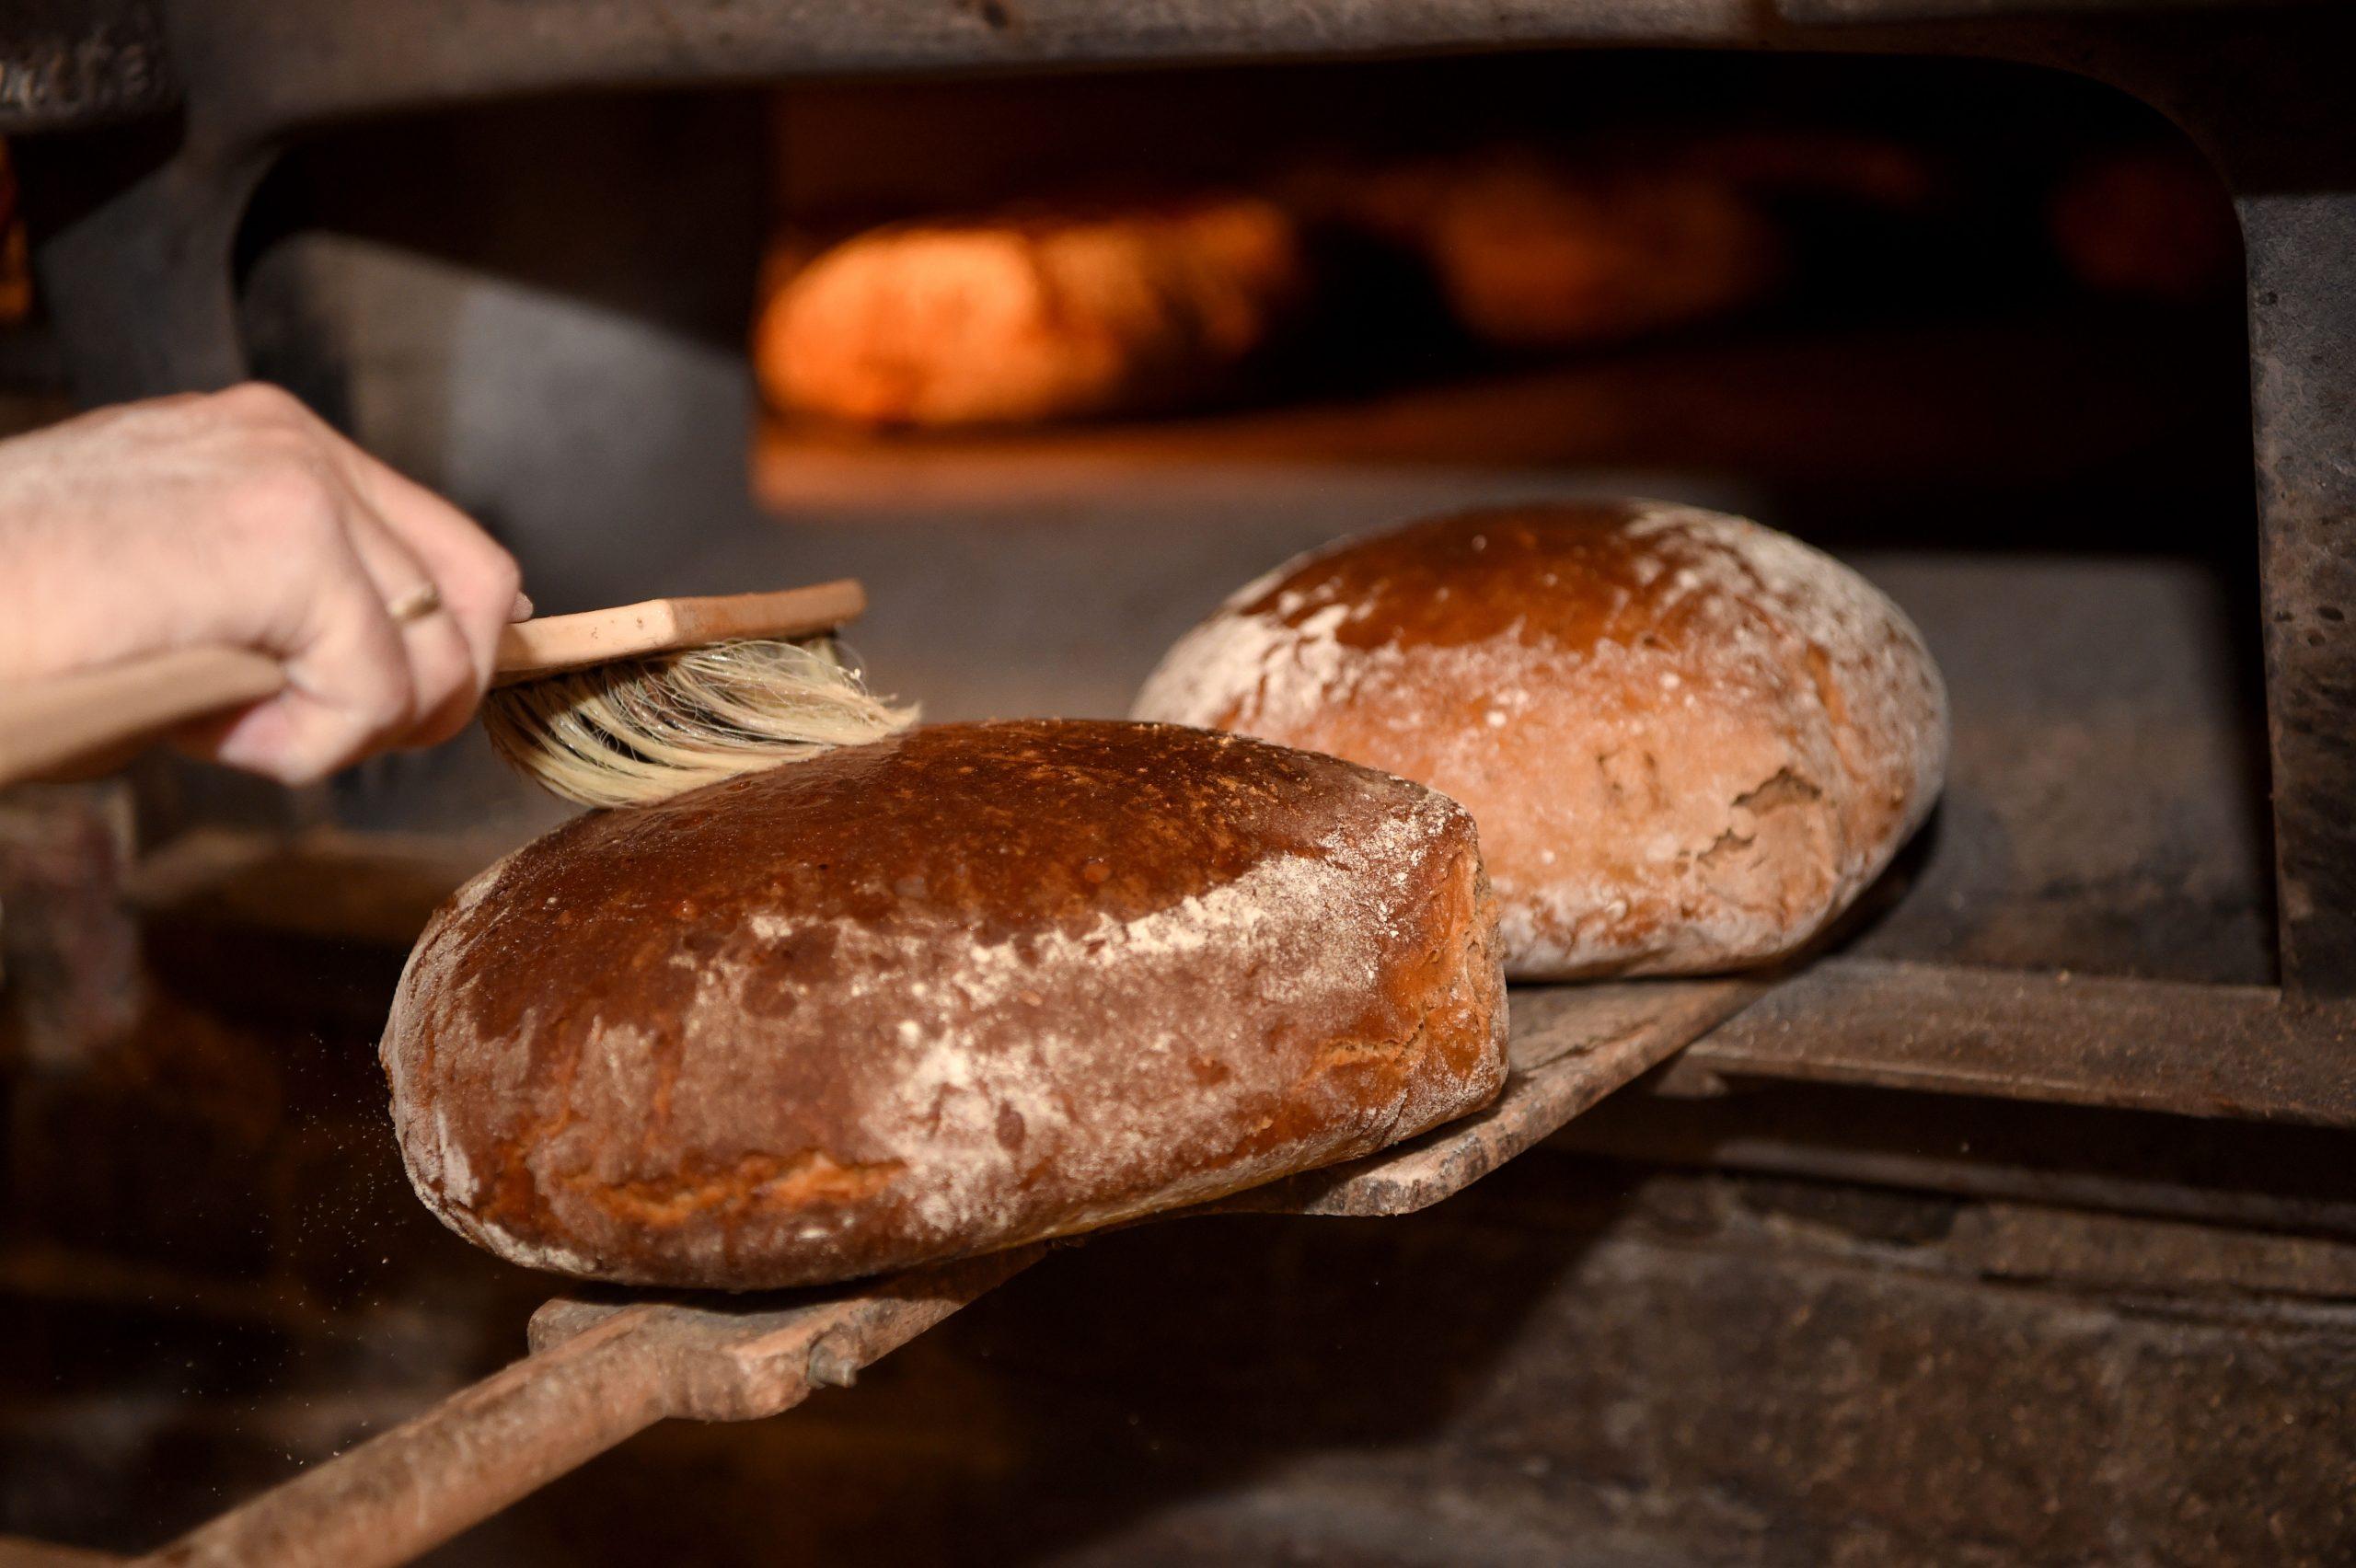 Brot wird nach dem Backen mit Wasser bestrichen